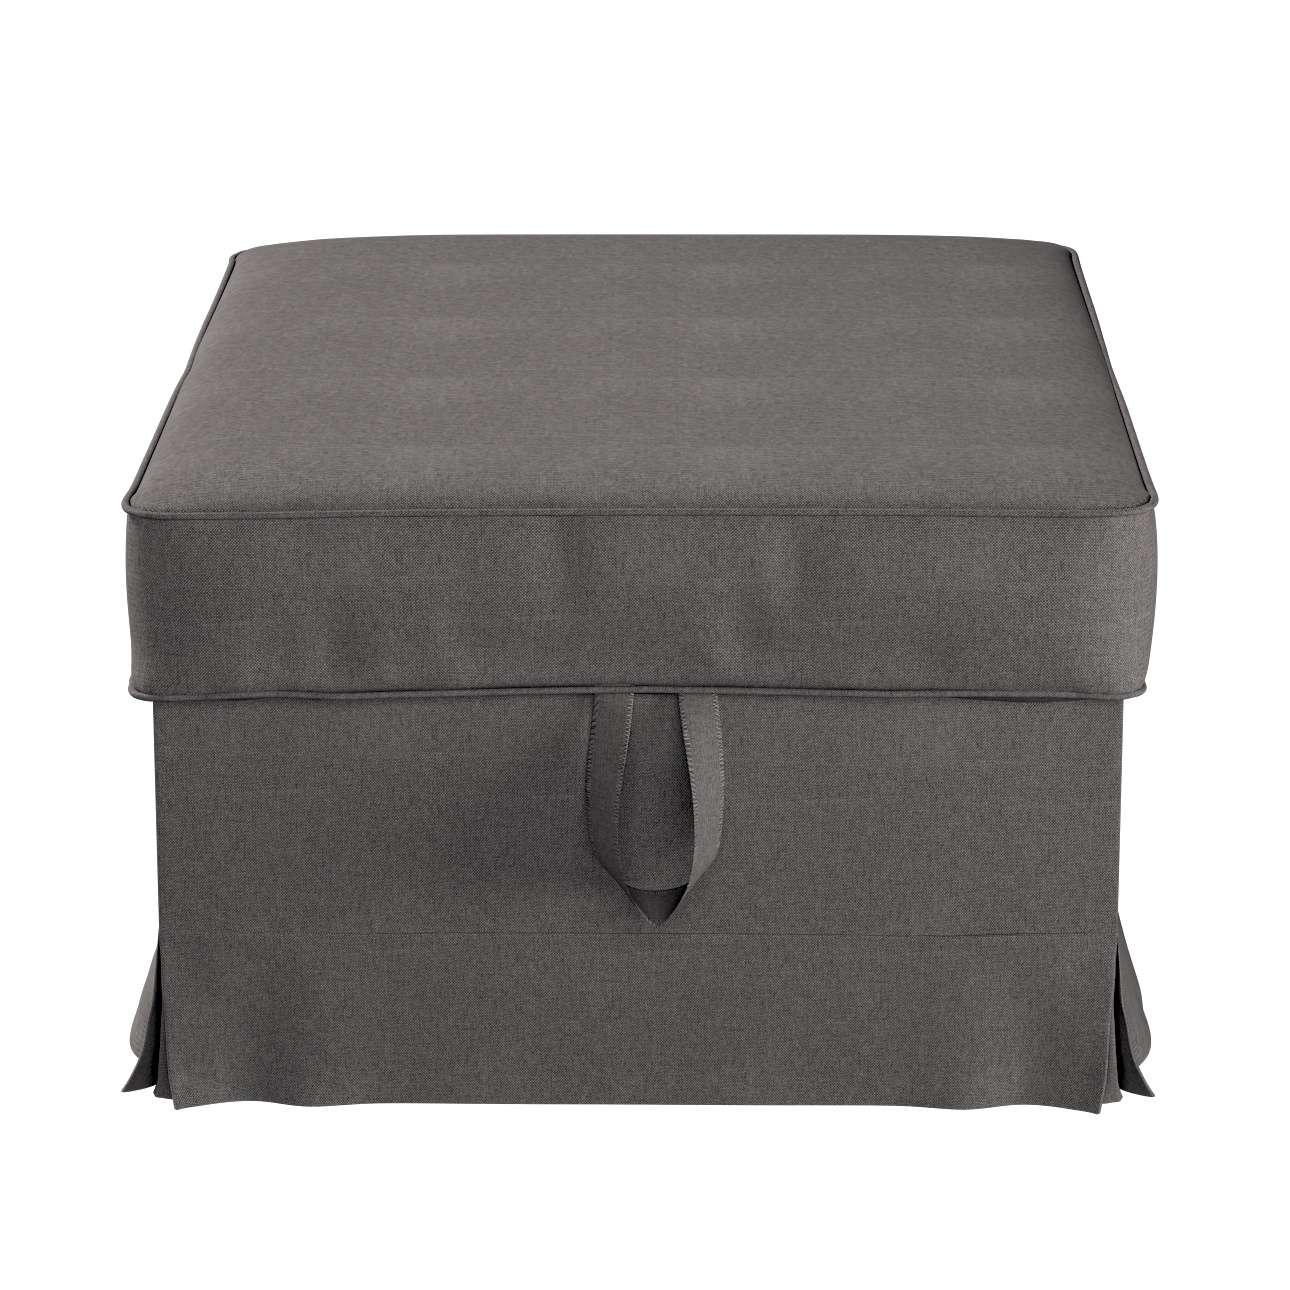 Pokrowiec na podnóżek Ektorp Bromma w kolekcji Etna, tkanina: 705-35